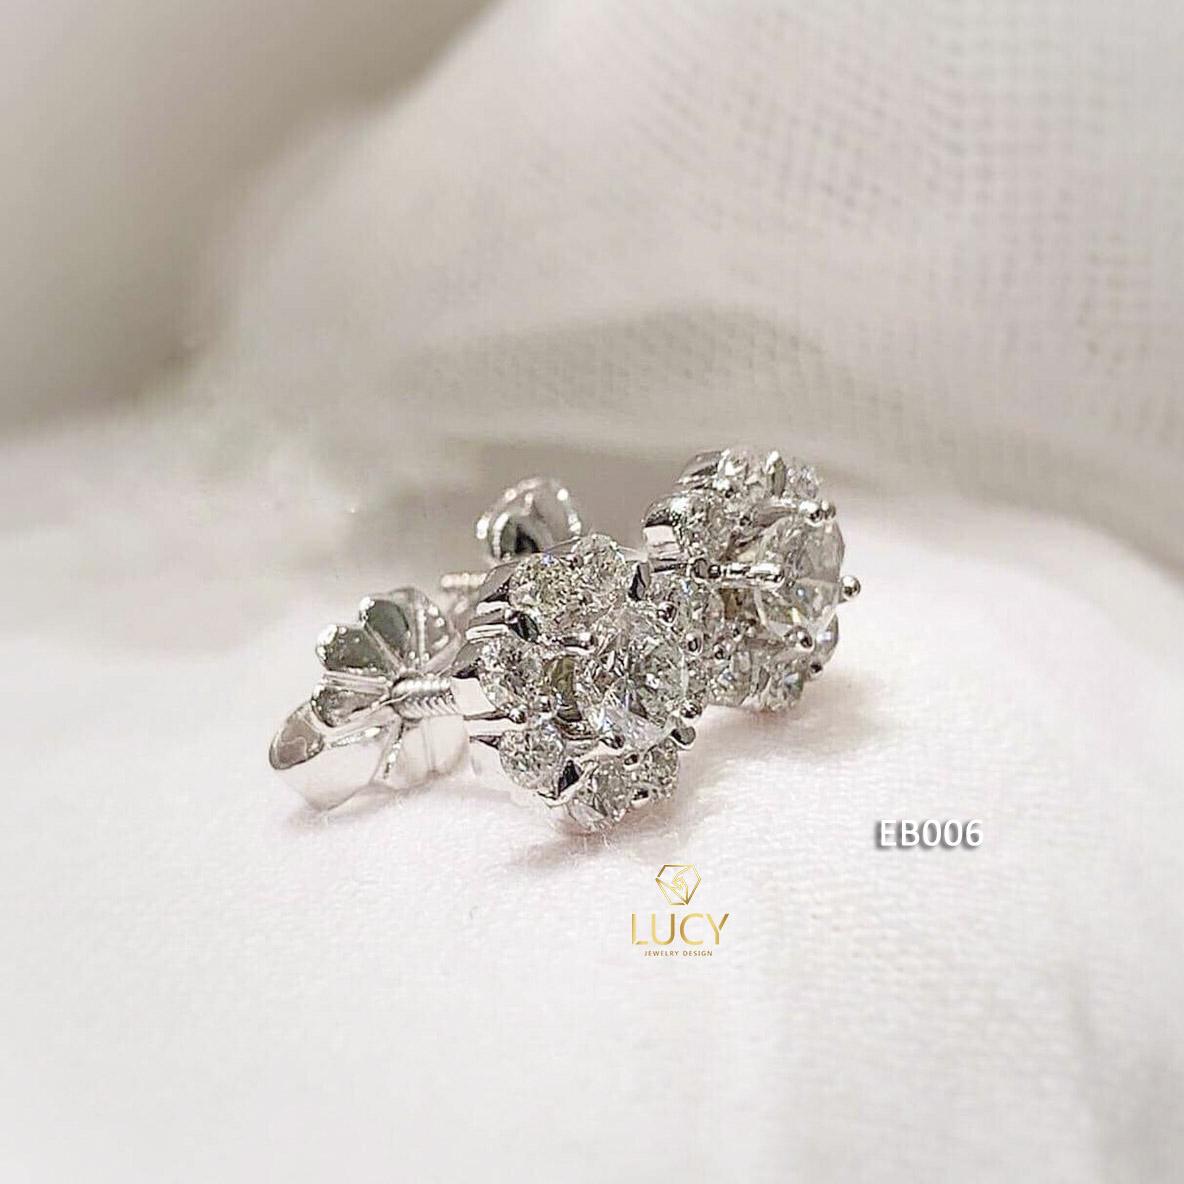 EB006 Khuyên tai vàng thiết kế Lucy Jewelry